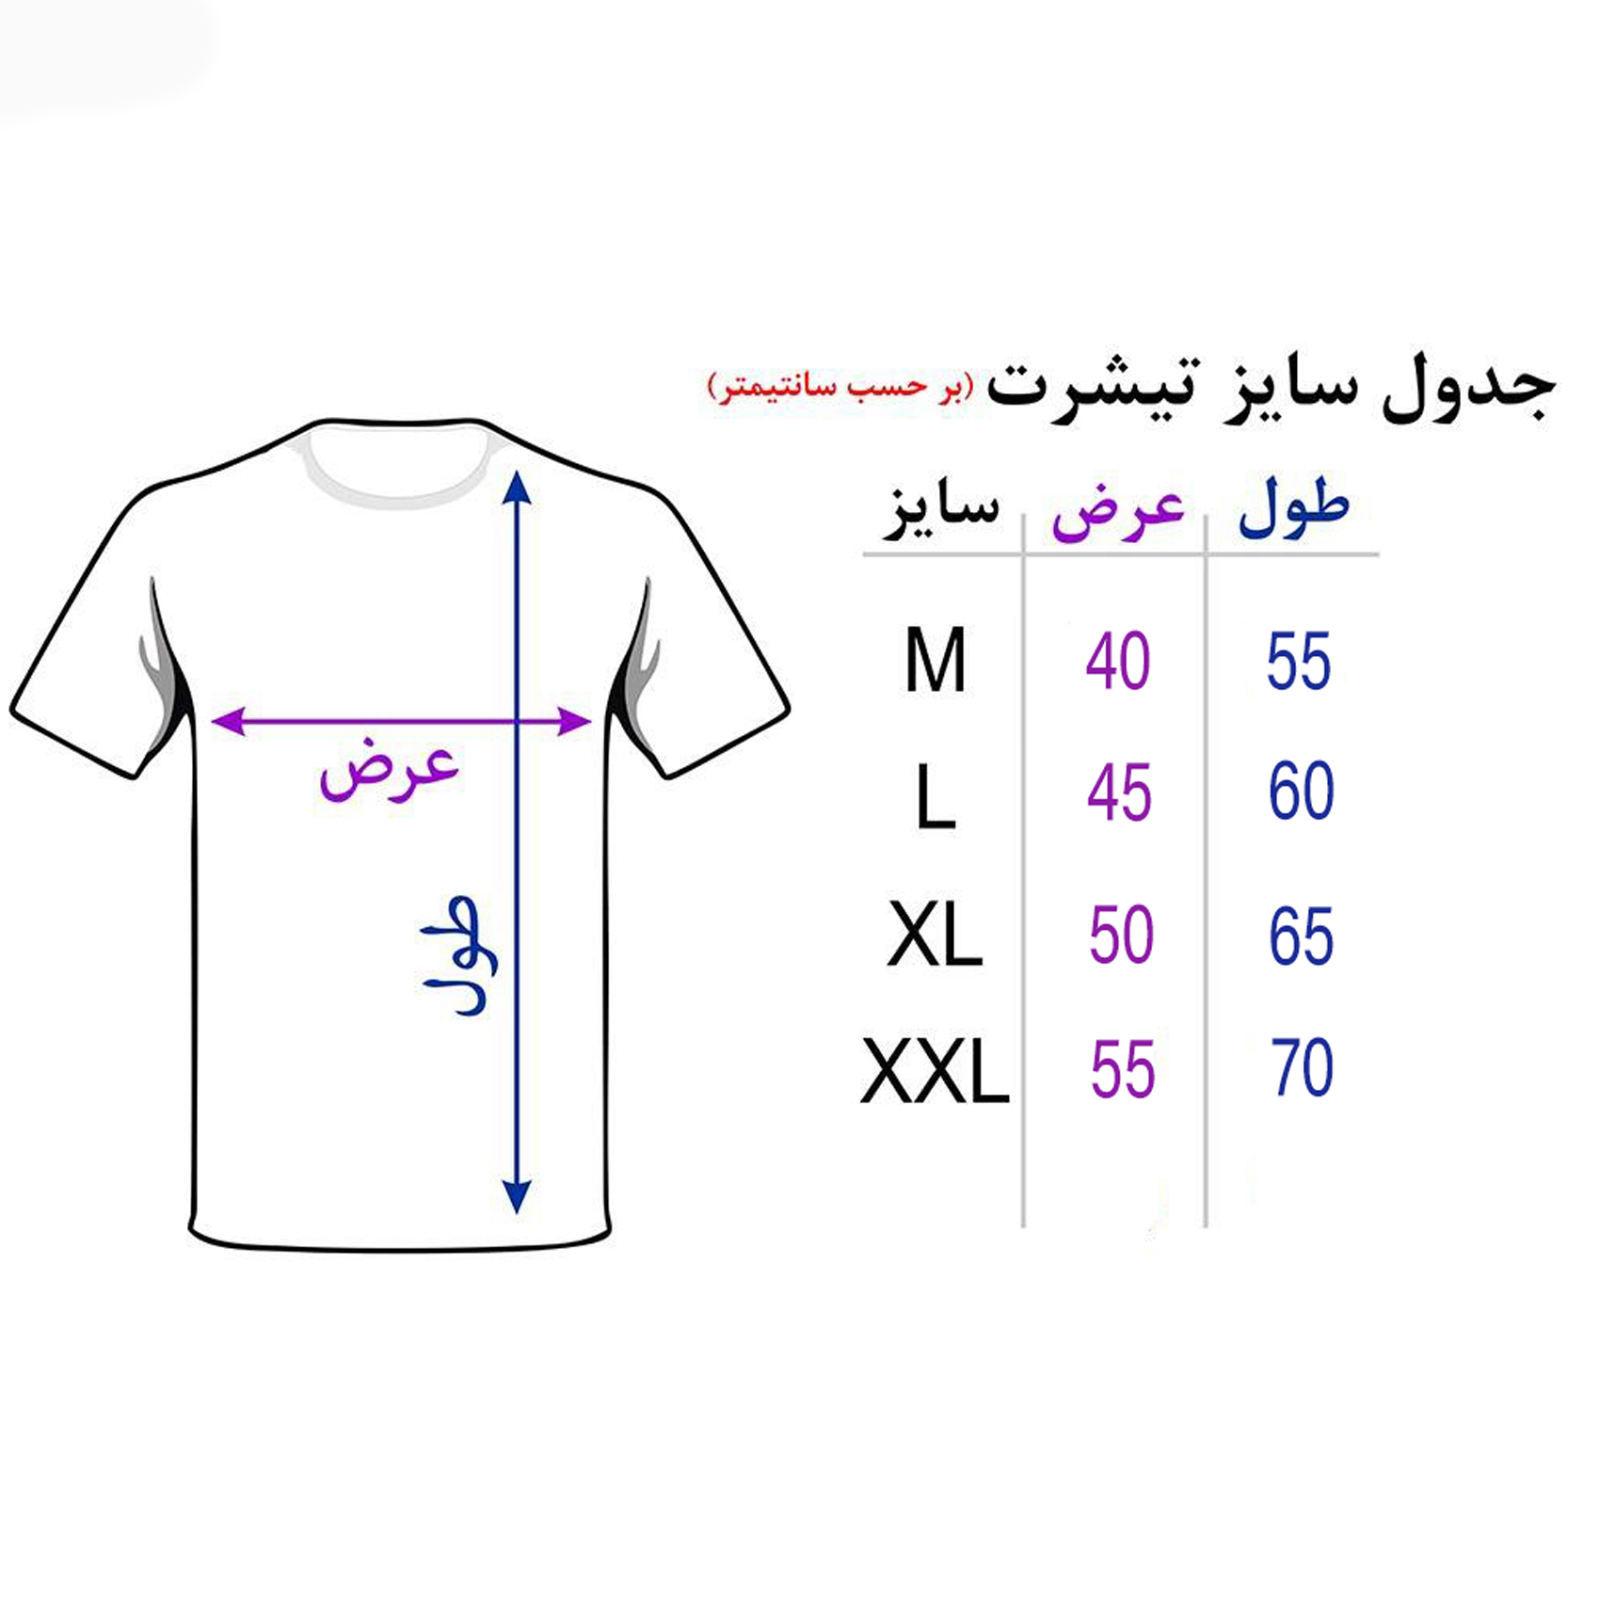 تی شرت مردانه 27  طرح خاکی باش کد B126 -  - 4